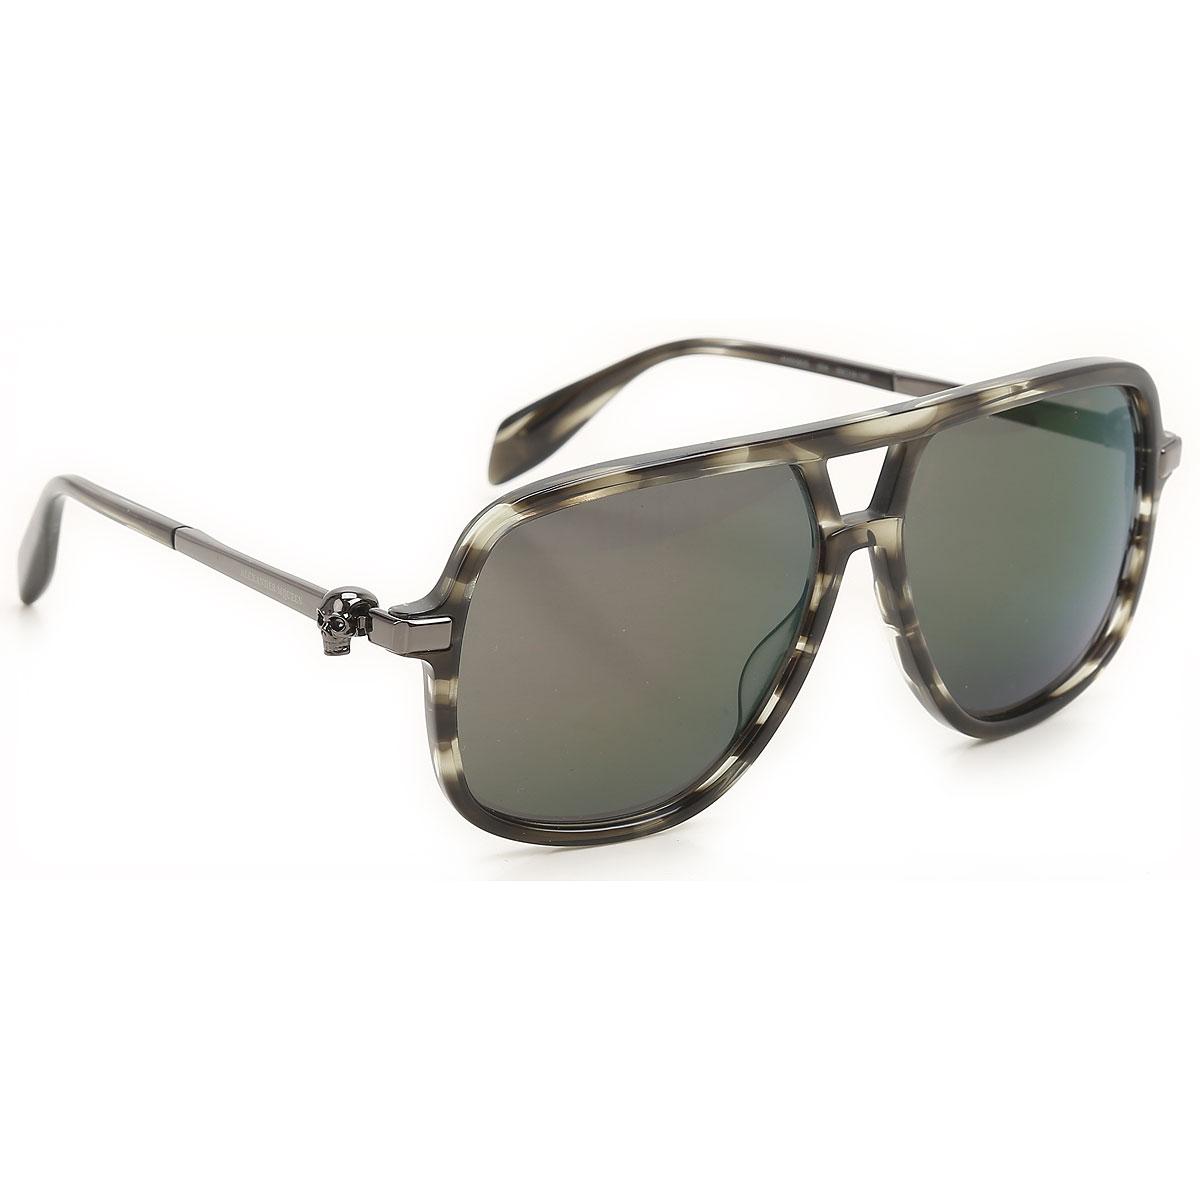 Alexander McQueen Sunglasses On Sale, Green Havana, 2019